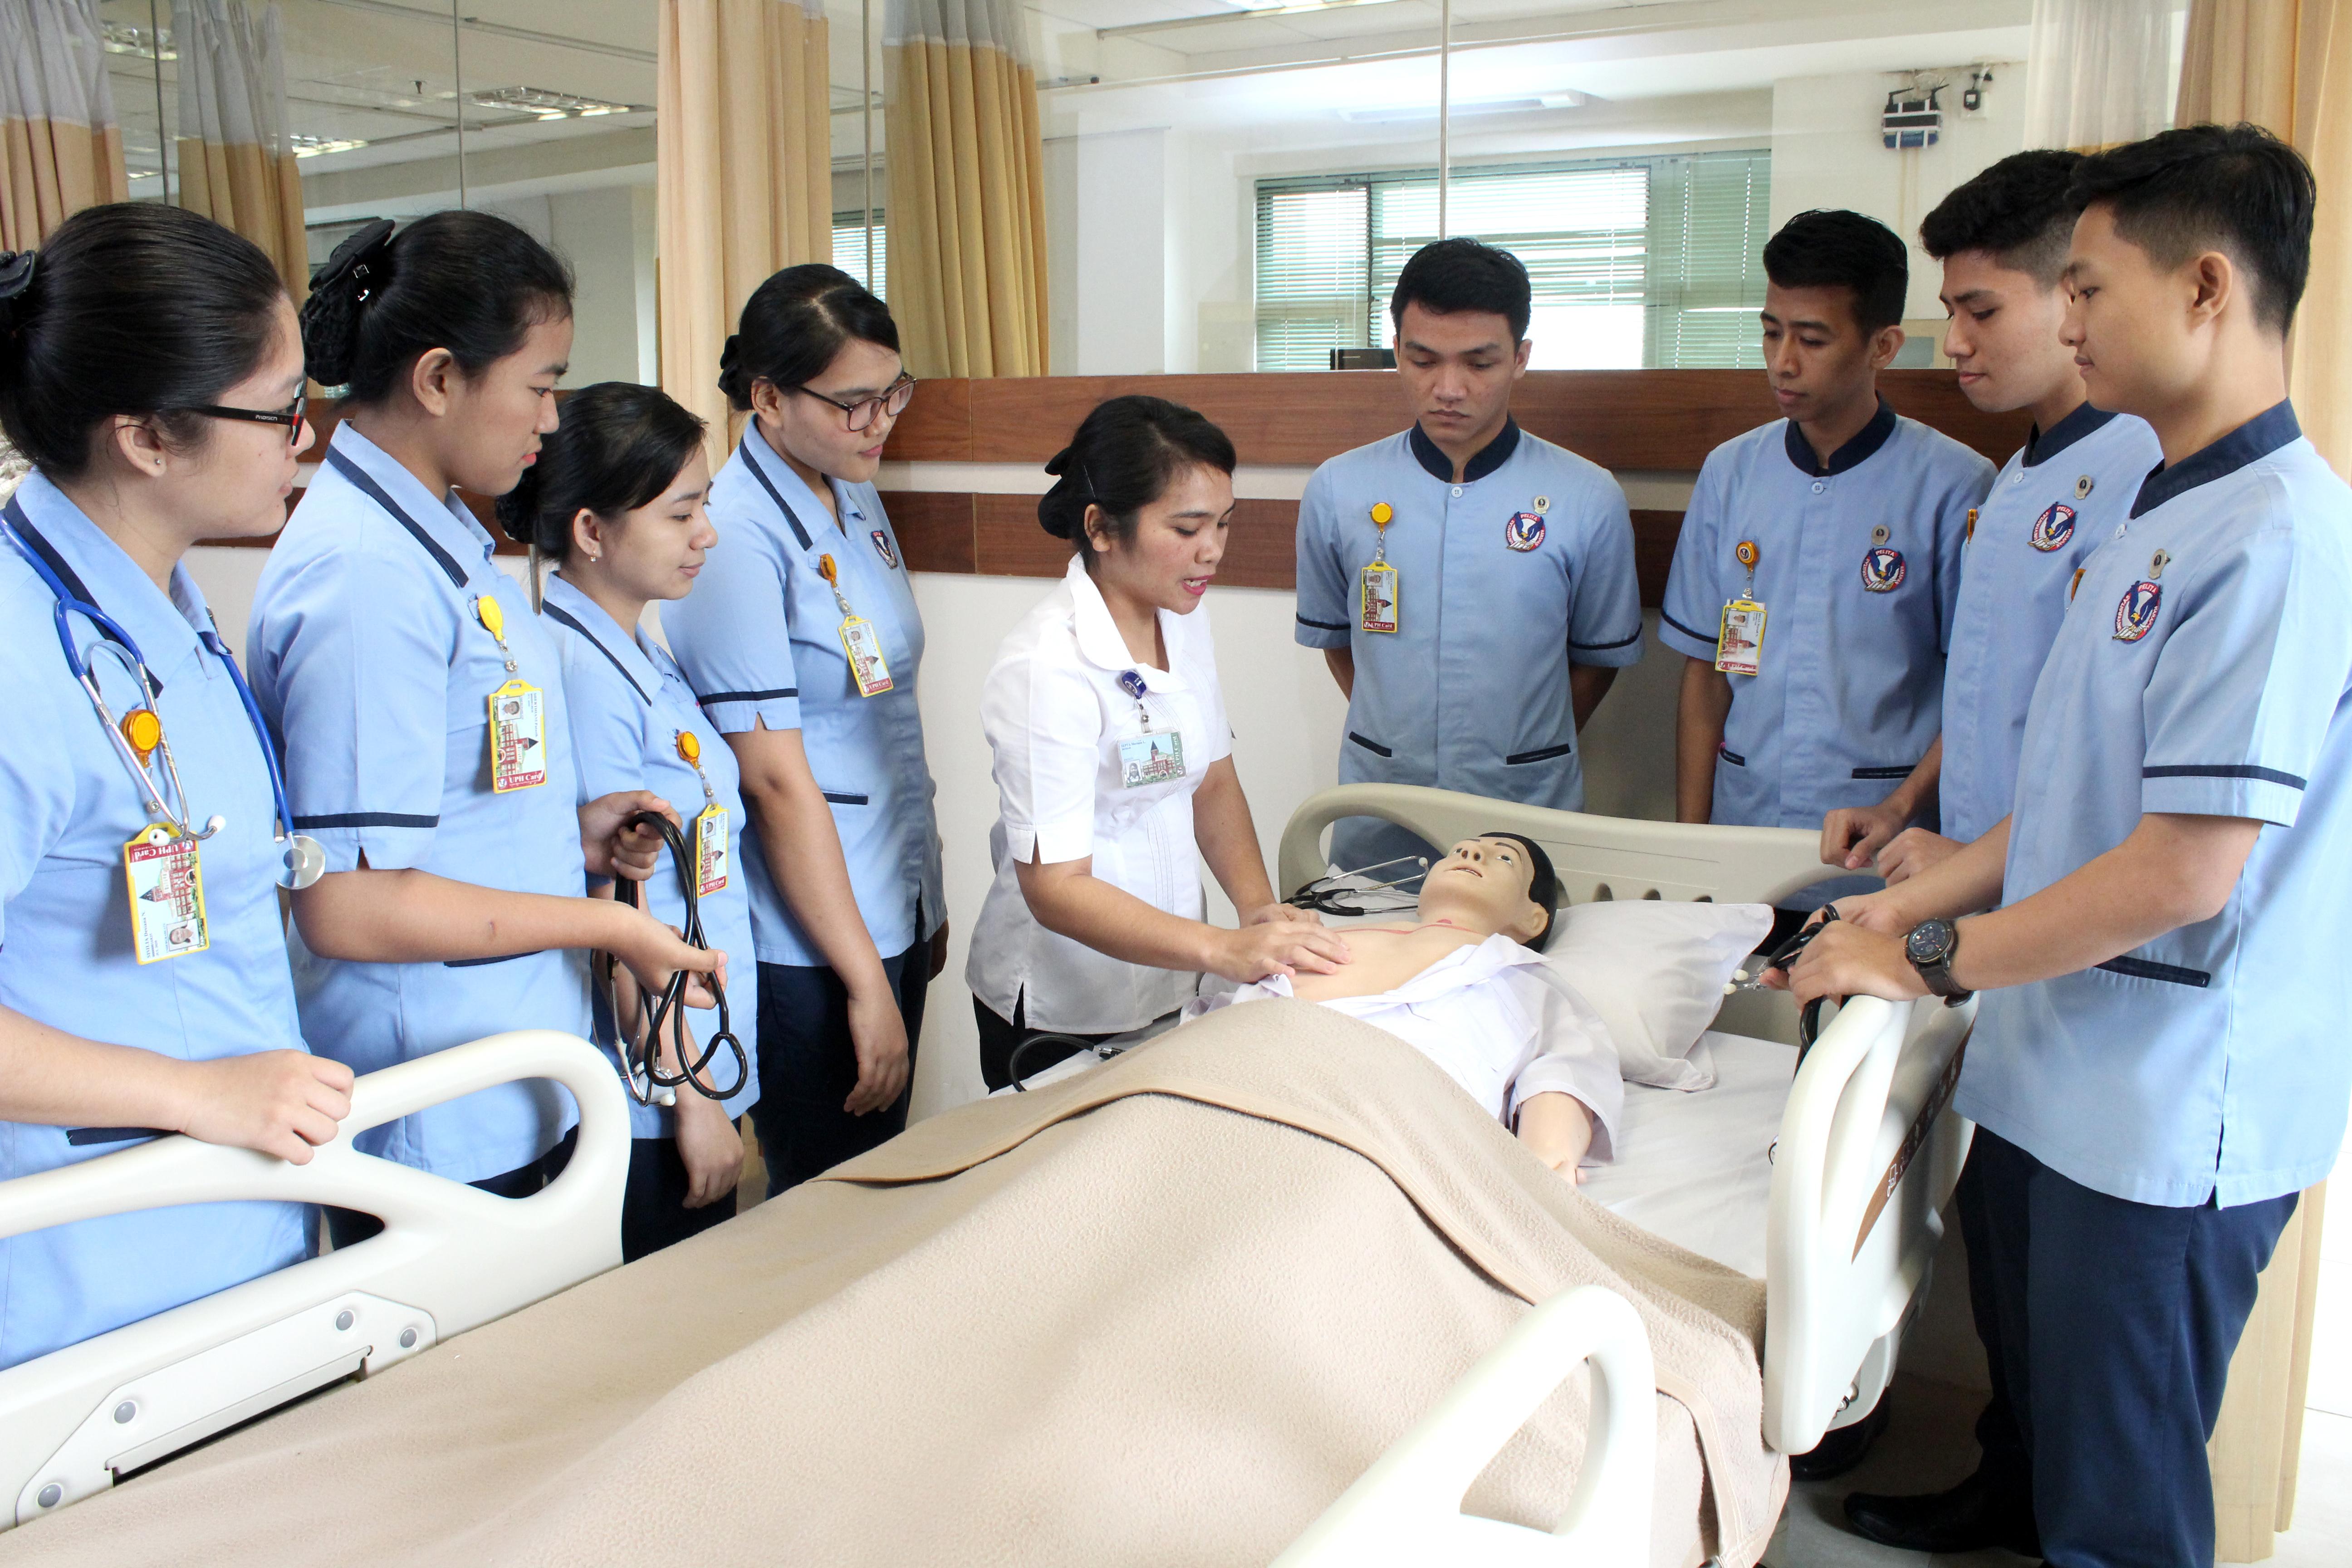 100% Lulus Uji Kompetensi Ners 2021 Kemendikbud,  Fakultas Keperawatan UPH Capai Tingkat Kelulusan Tertinggi